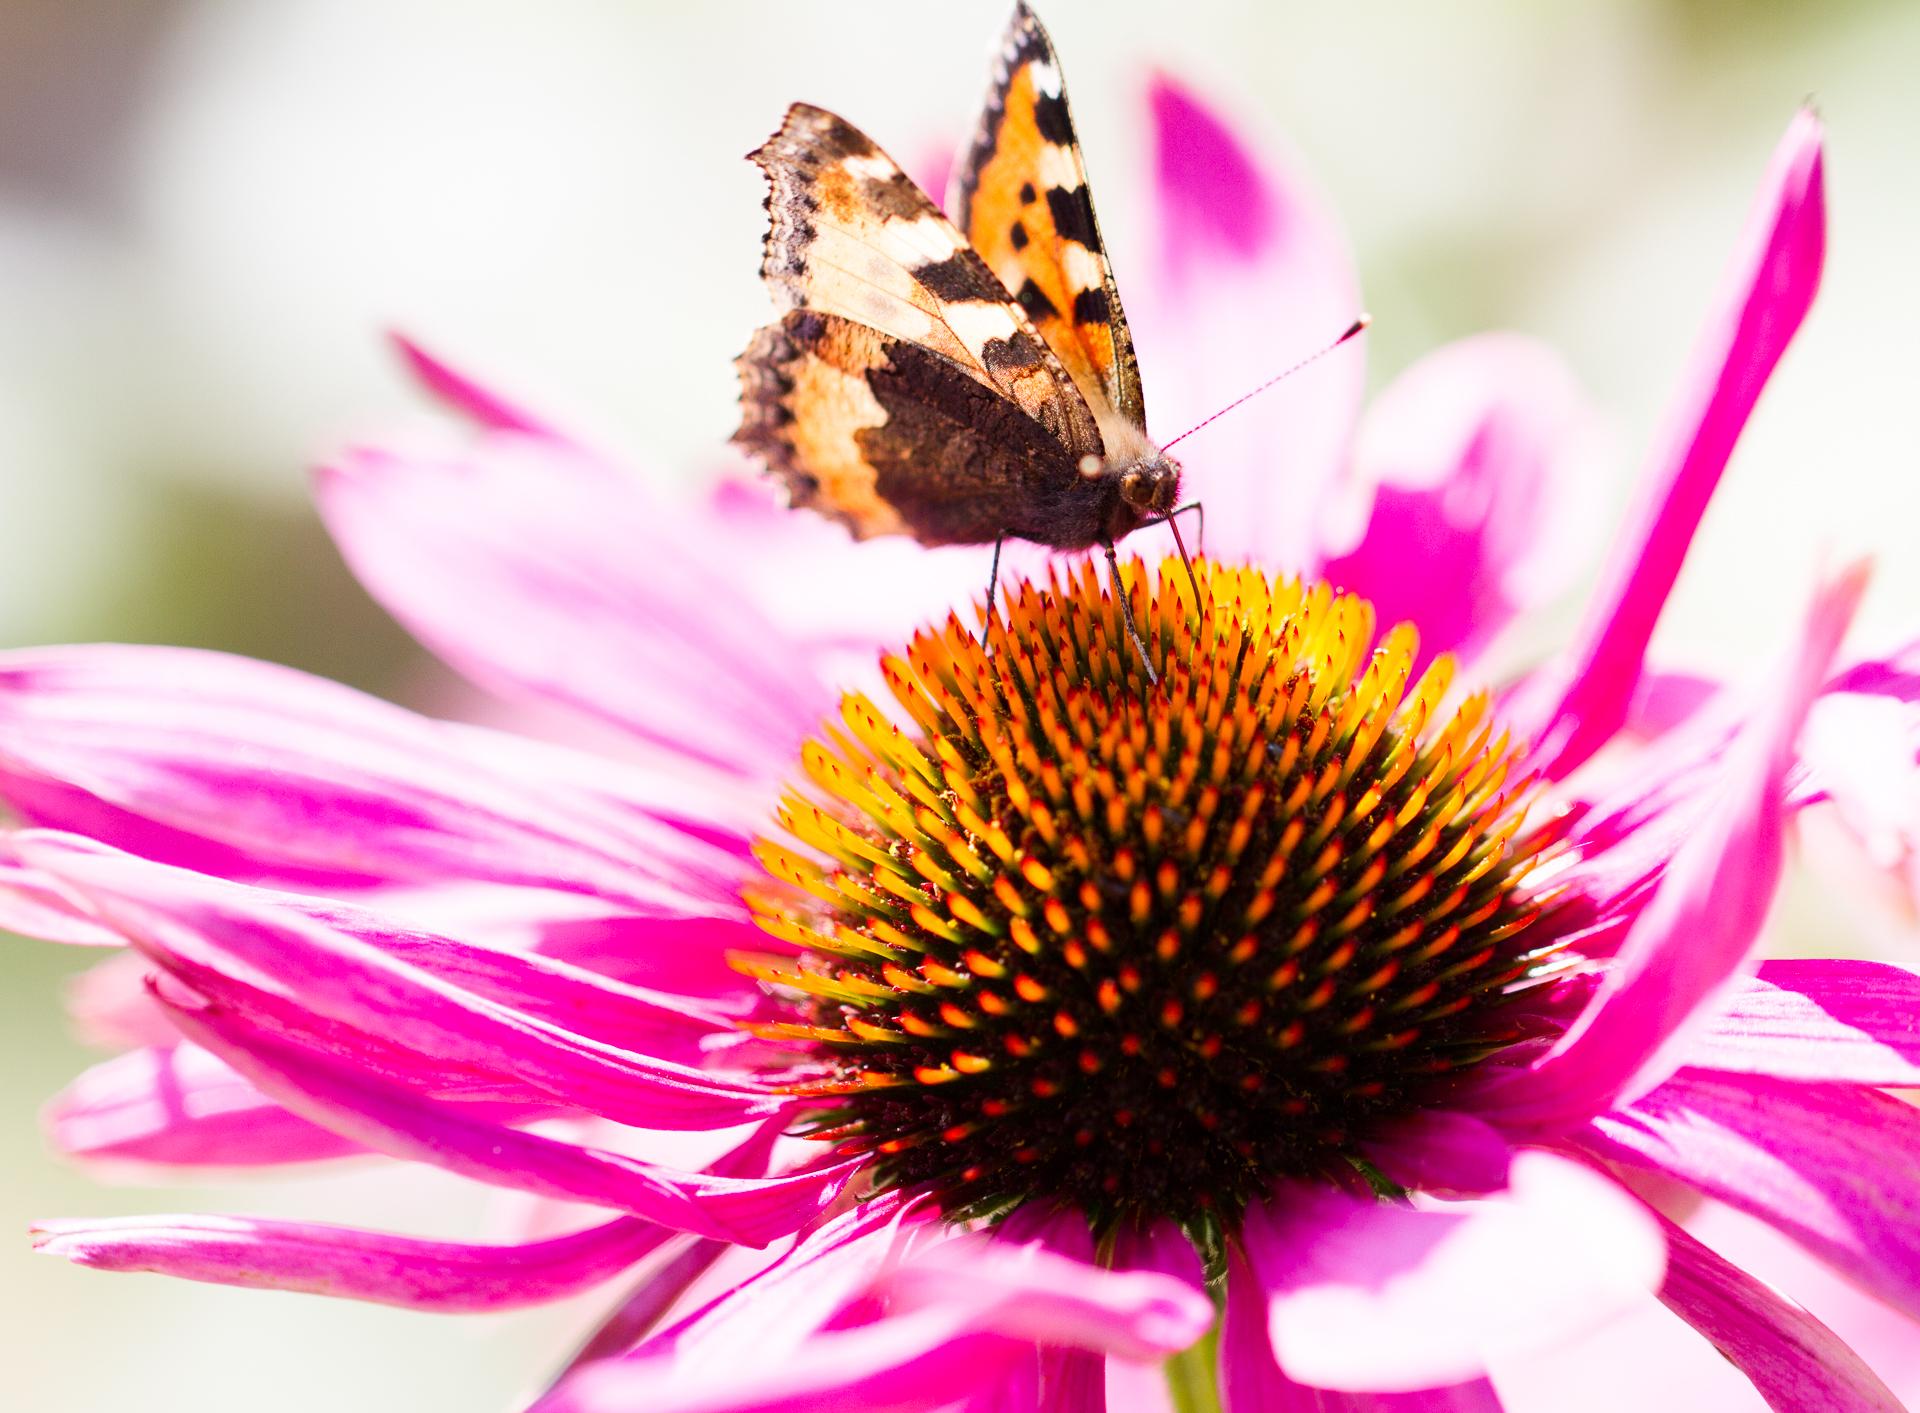 Röda solhatten med en nässelfjäril som dricker nektar